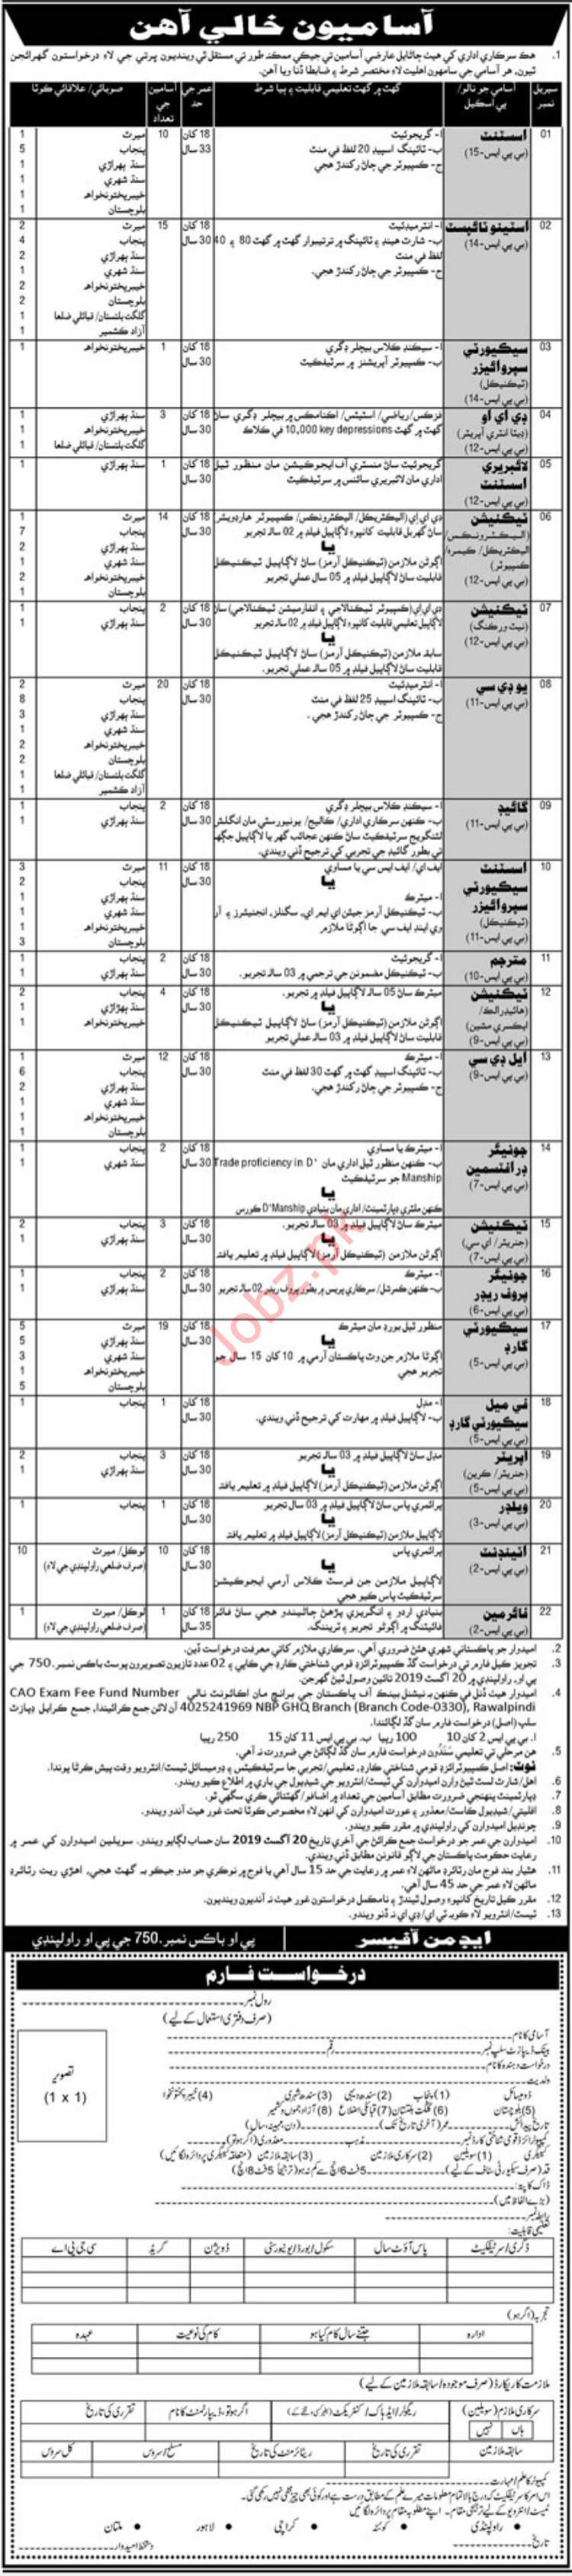 GHQ Rawalpindi Administration Jobs 2019 Job Advertisement